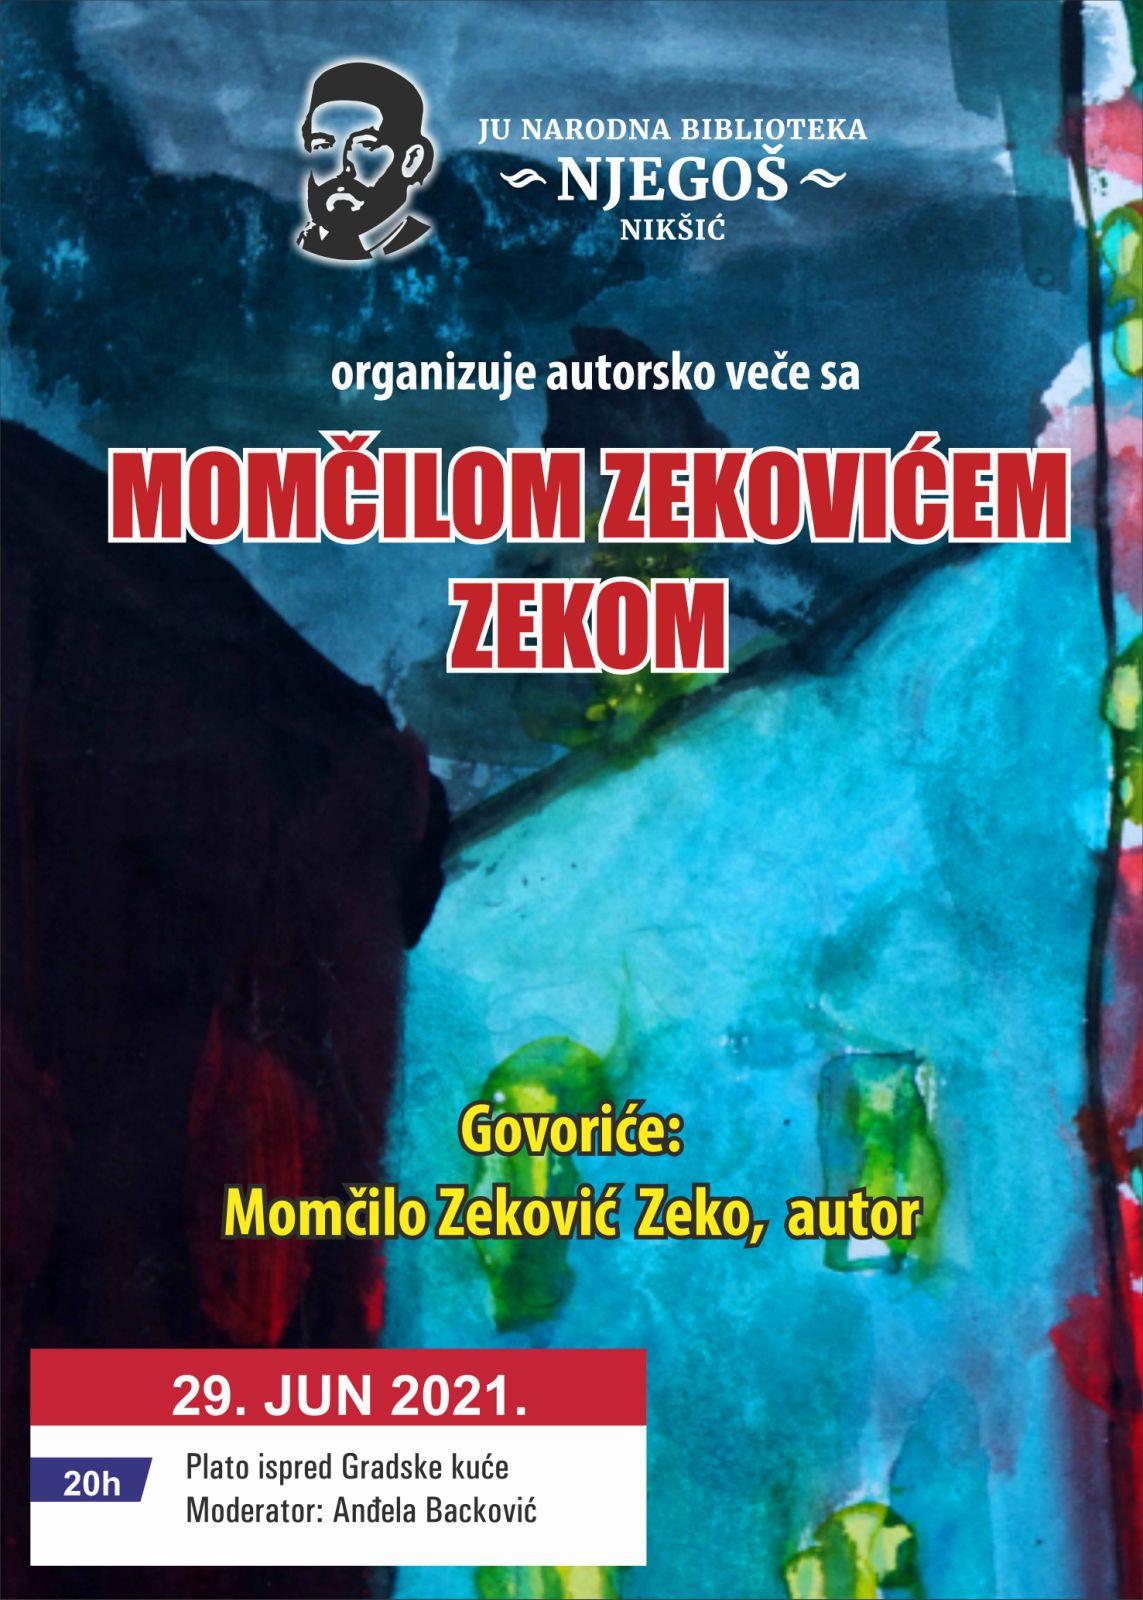 Predstavljanje knjige poezije SVE IZ JEDNOG MJESTA u Nikšiću